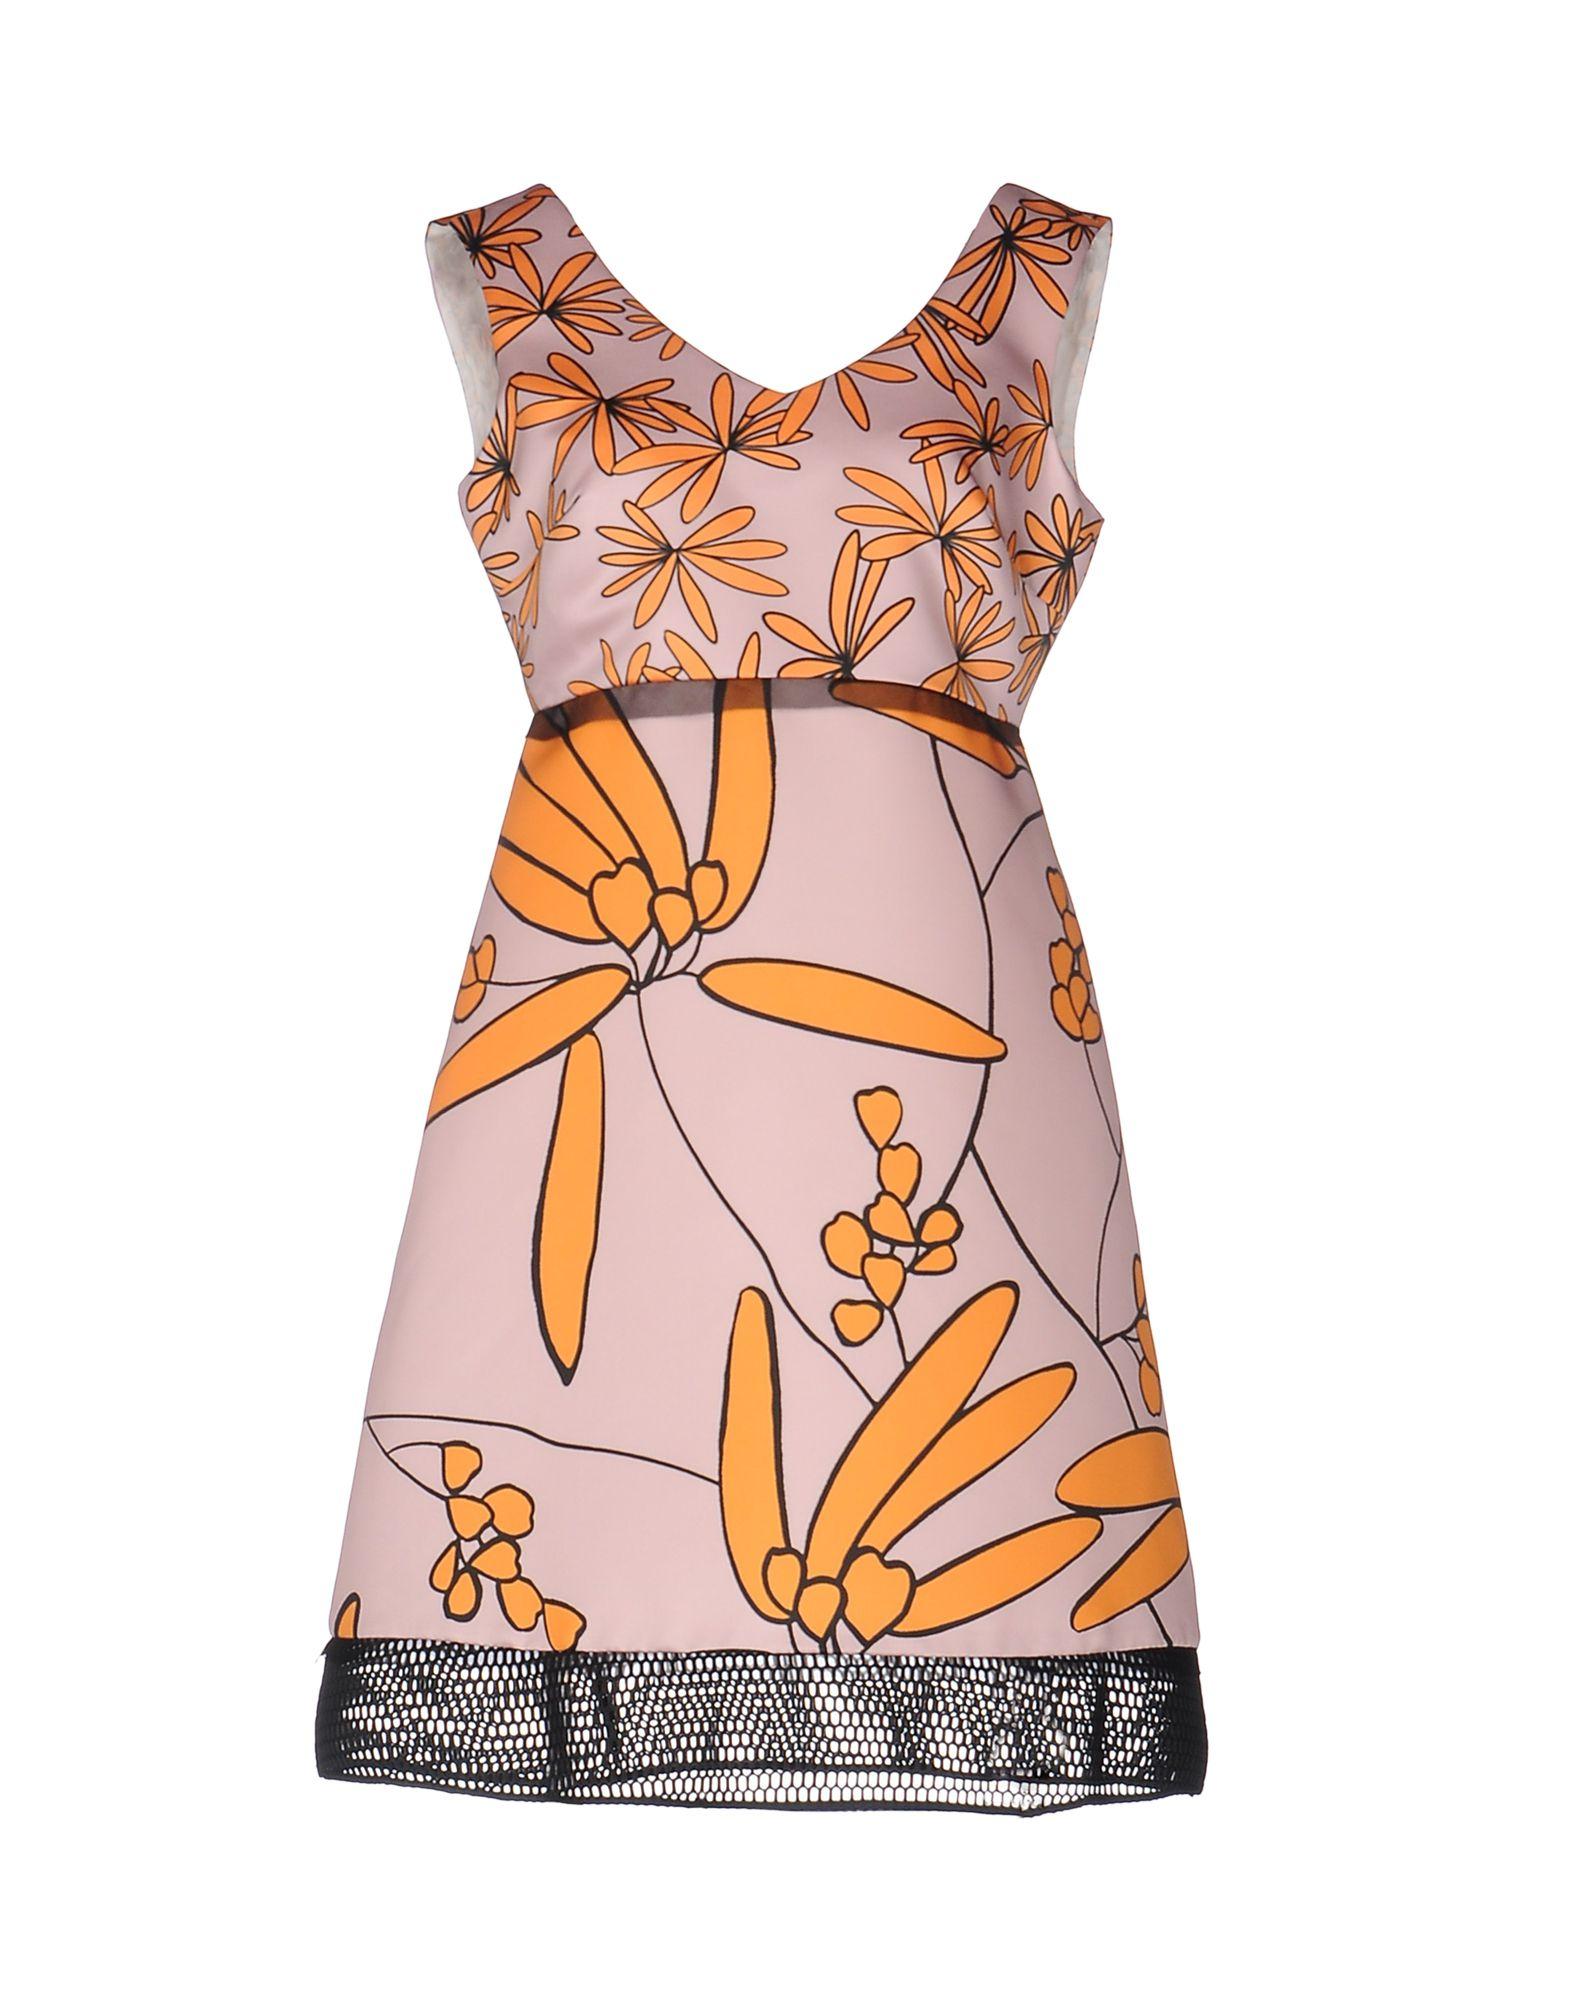 1-ONE Damen Kurzes Kleid Farbe Rosa Größe 7 - broschei